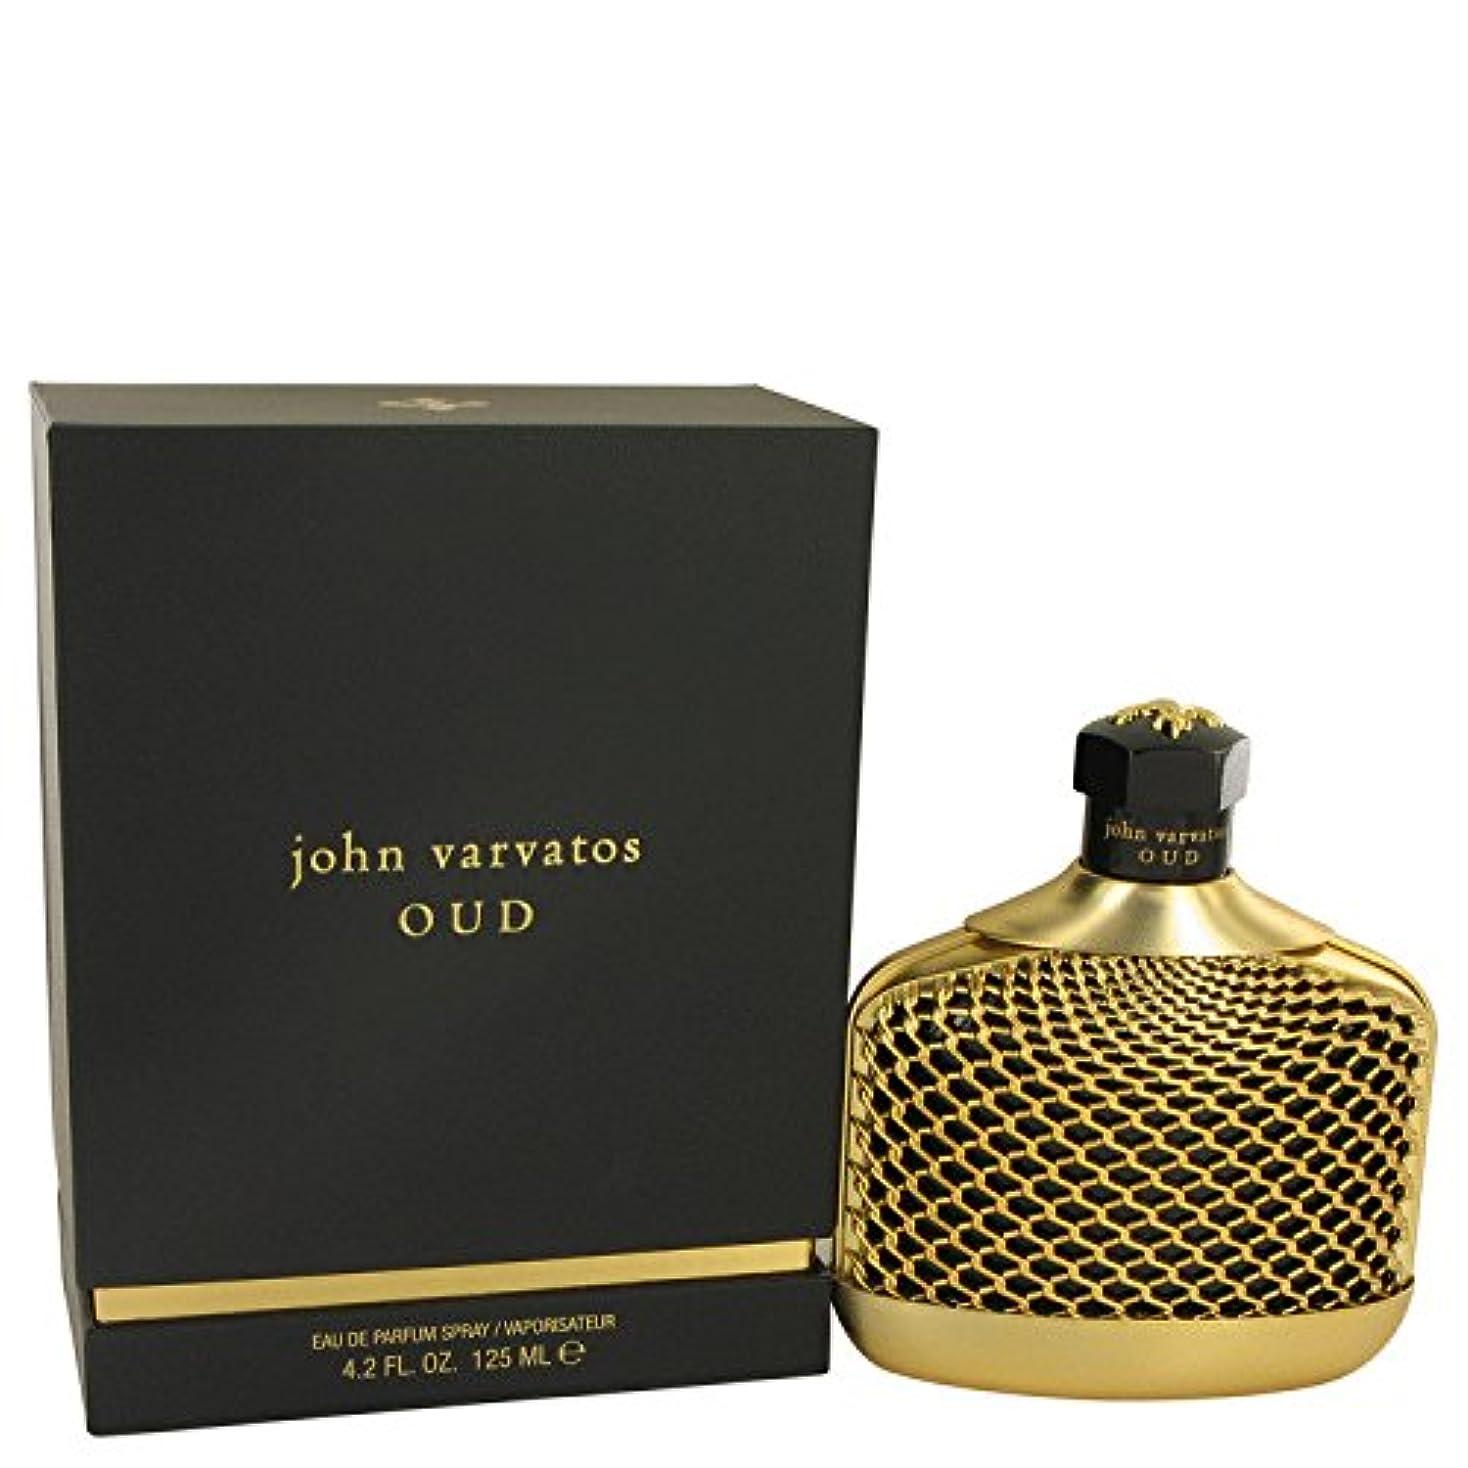 敬意を表する才能のあるカニJohn Varvatos Oud by John Varvatos Eau De Parfum Spray 125 ml [並行輸入品]